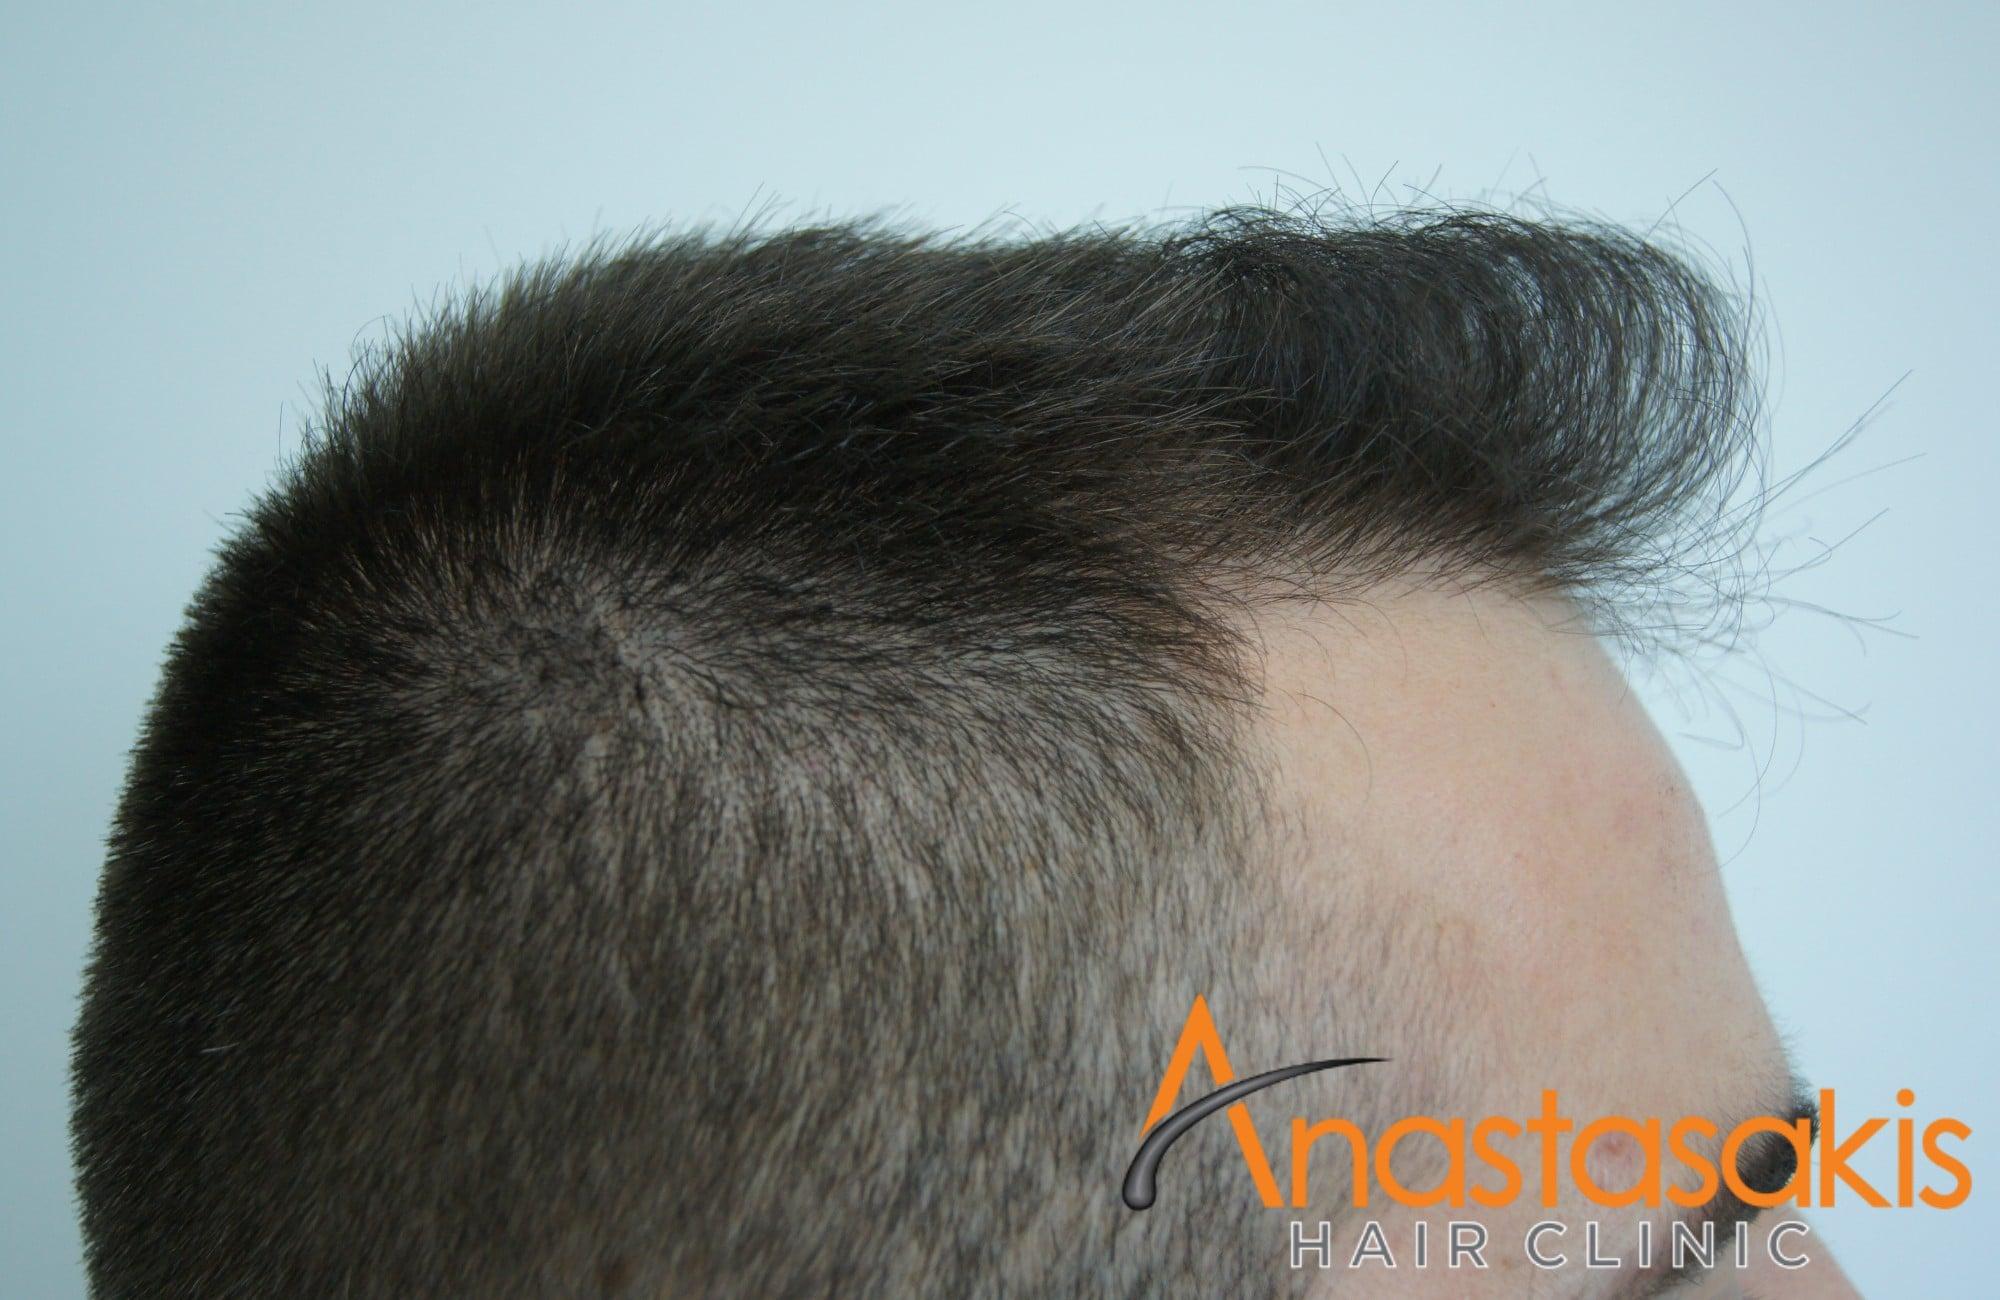 δεξι προφιλ ασθενούς μετά τη μεταμοσχευση μαλλιων με 1500 fus